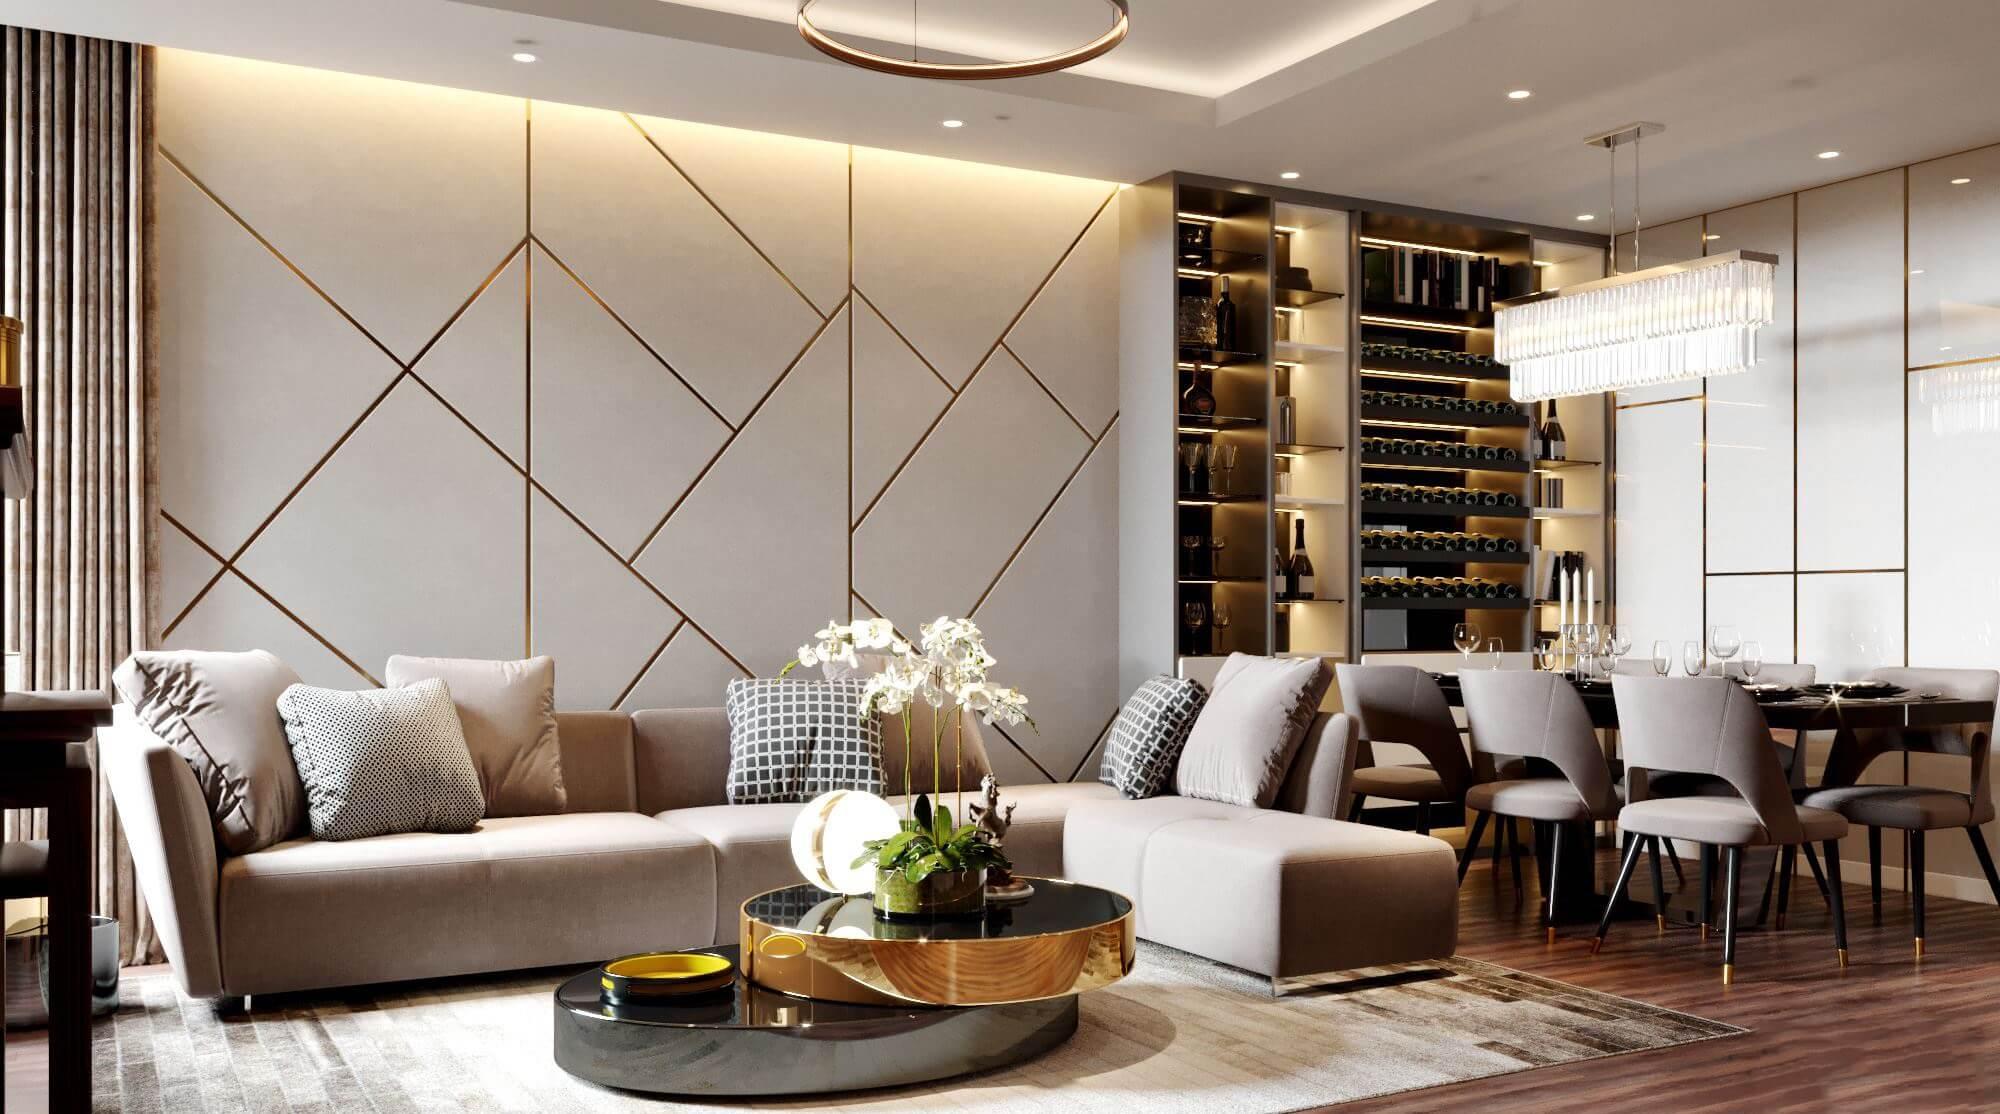 Thiết kế nội thất căn hộ chung cư   Nội Thất Hữu Bằng